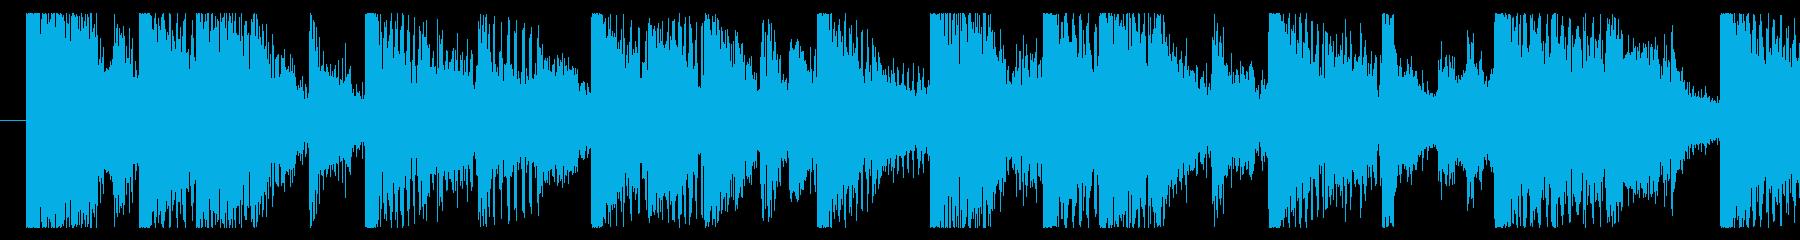 気分の上がるファンクロック-ループ3の再生済みの波形